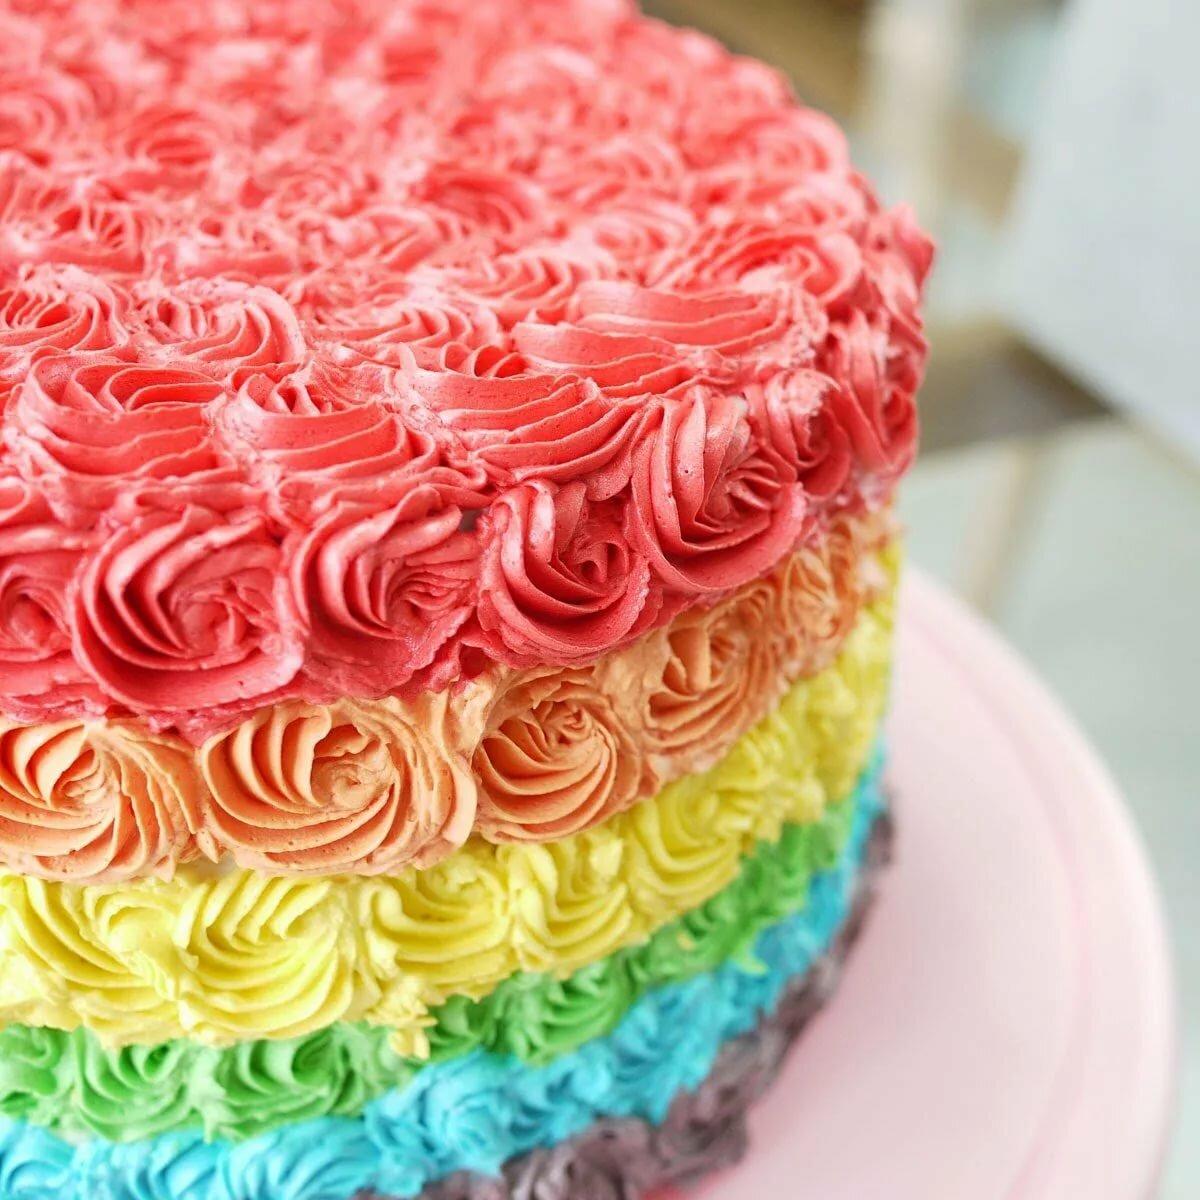 картинки радужного торта тип смеси